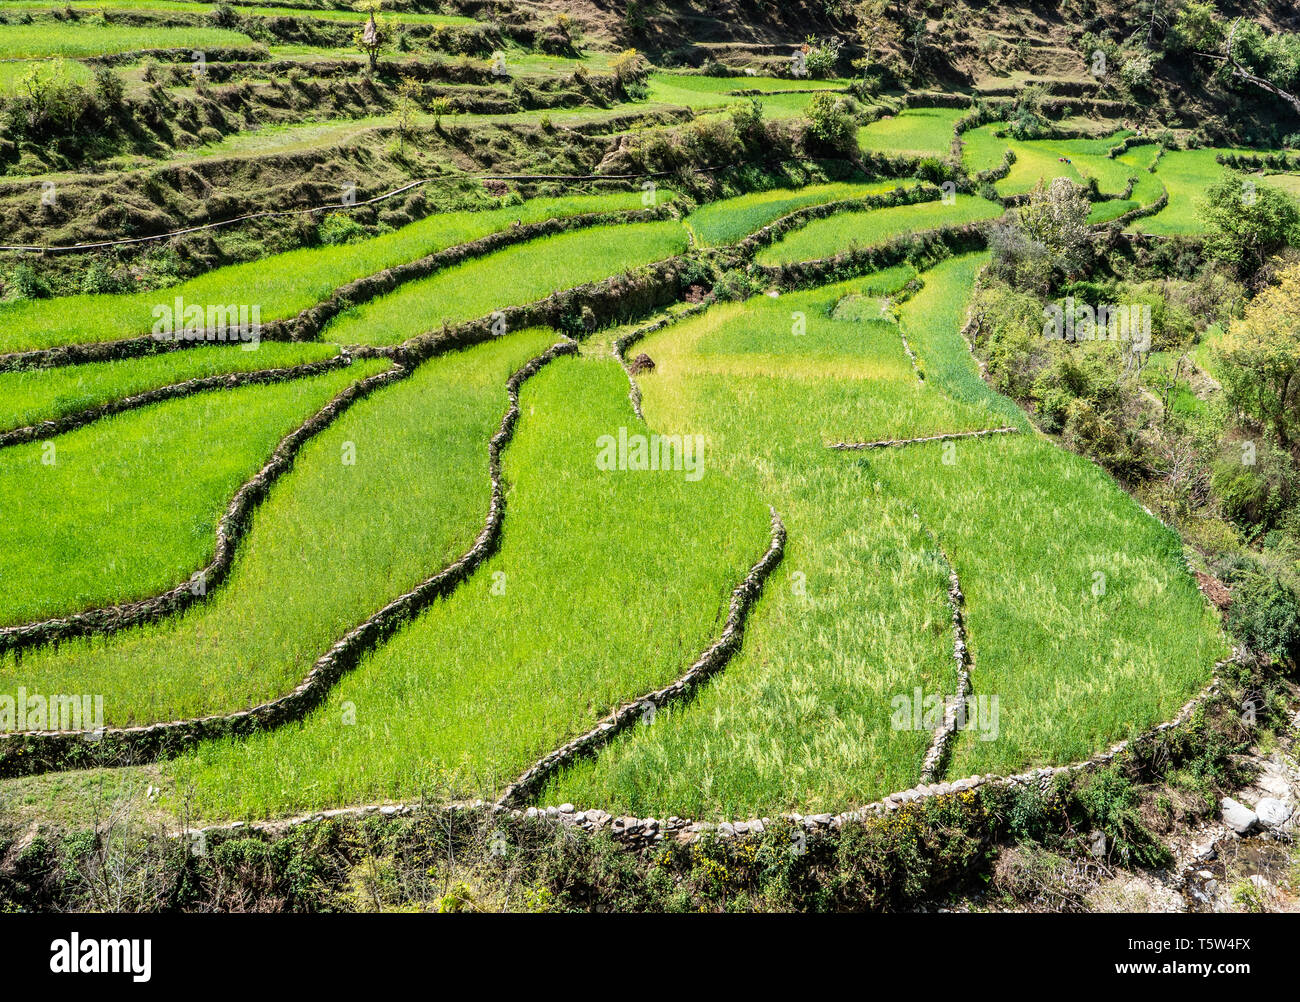 Campos De Terrazas Utilizadas Para Cultivar Arroz Orgánico Y